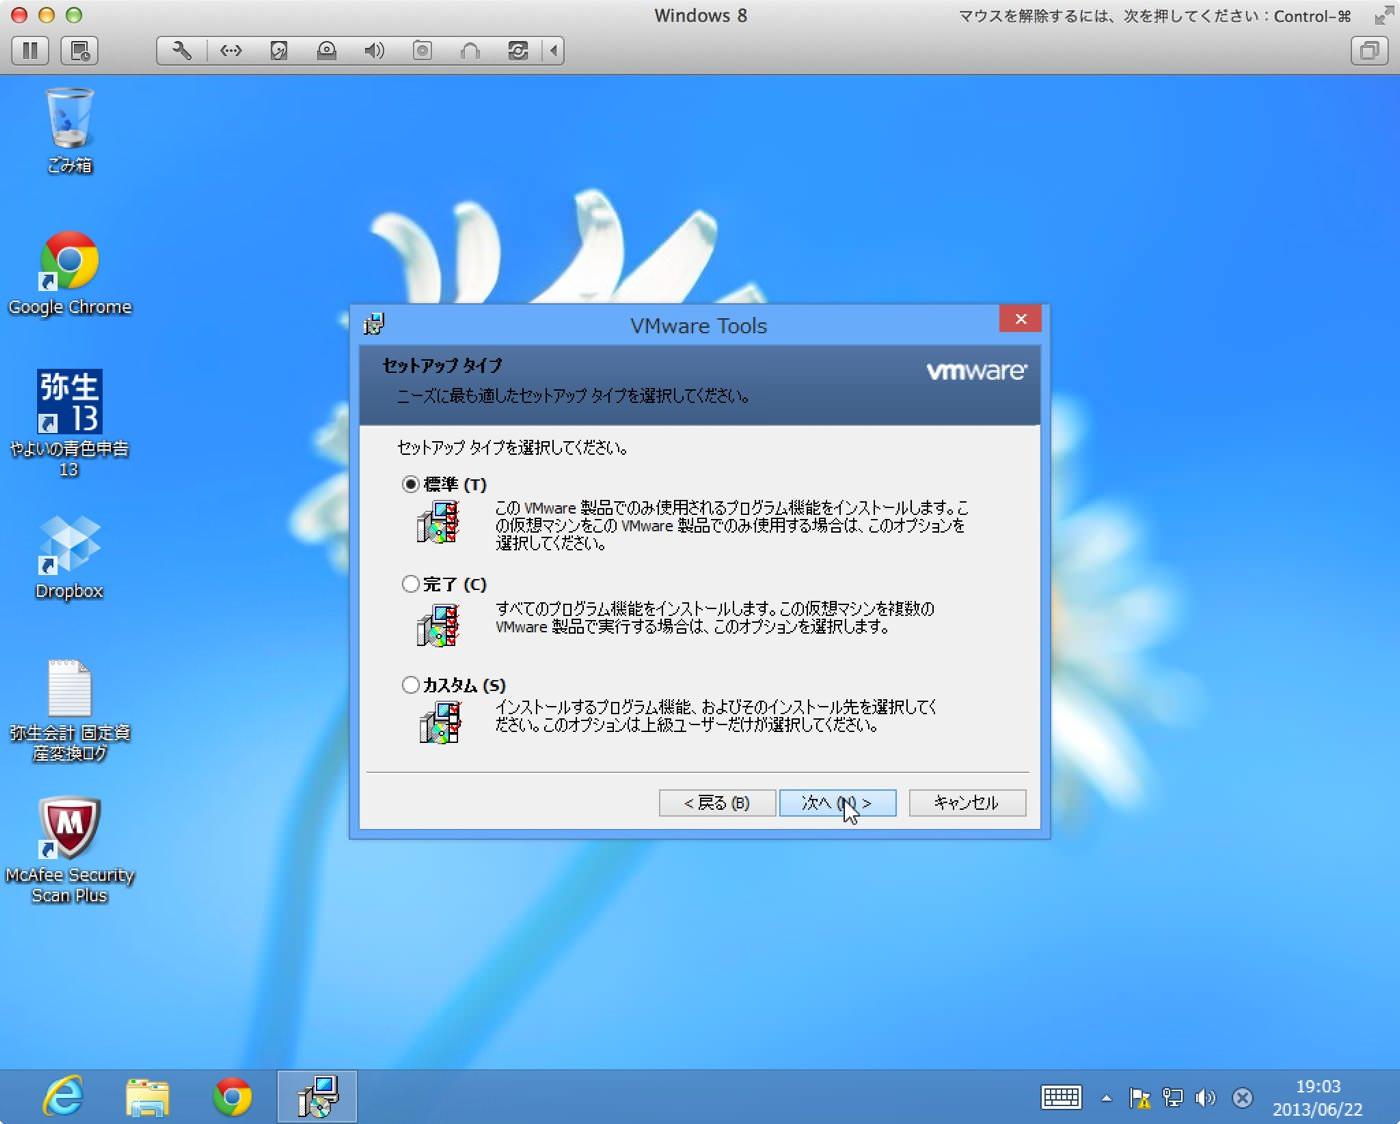 Vmware toolsセットアップ タイプ